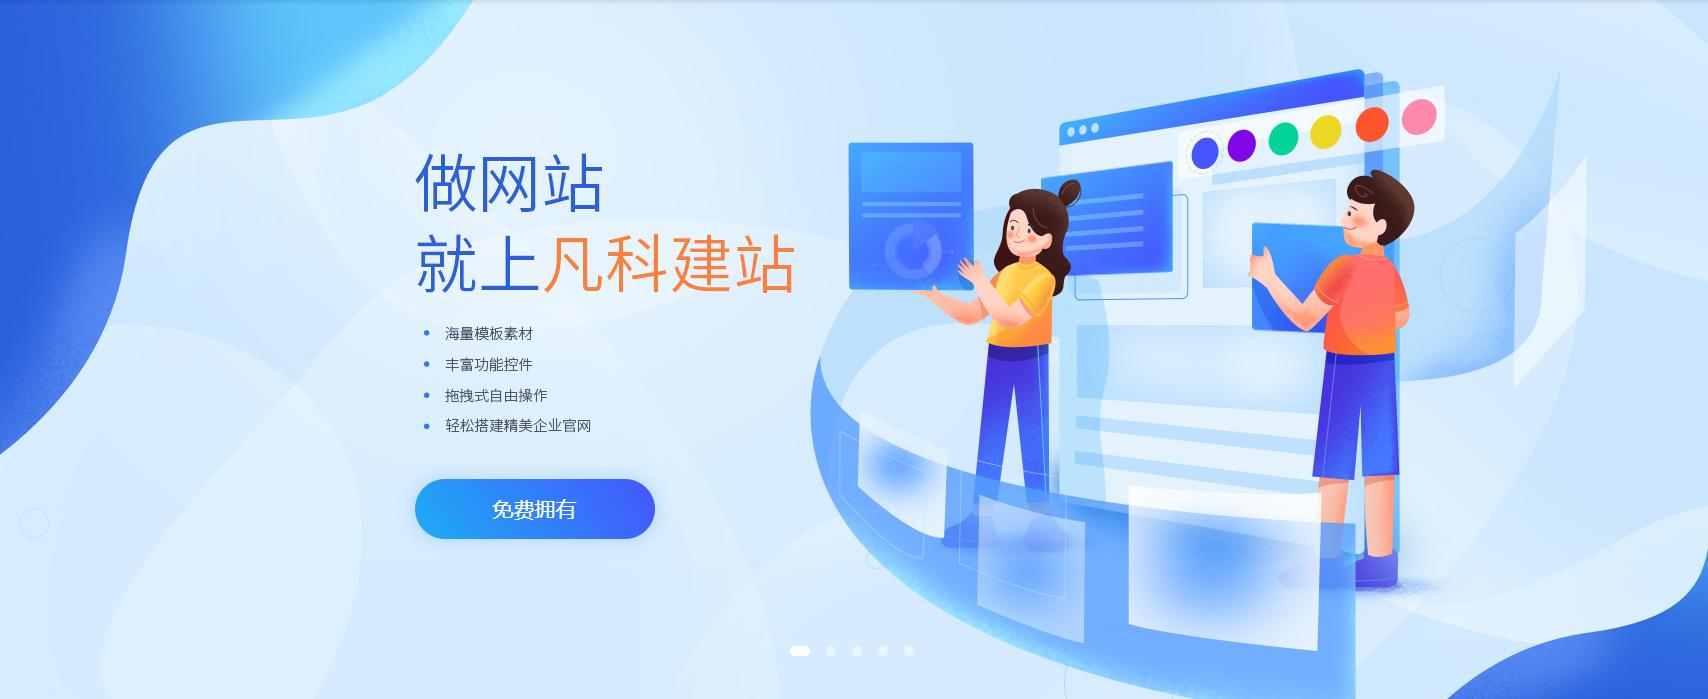 交互式网站设计